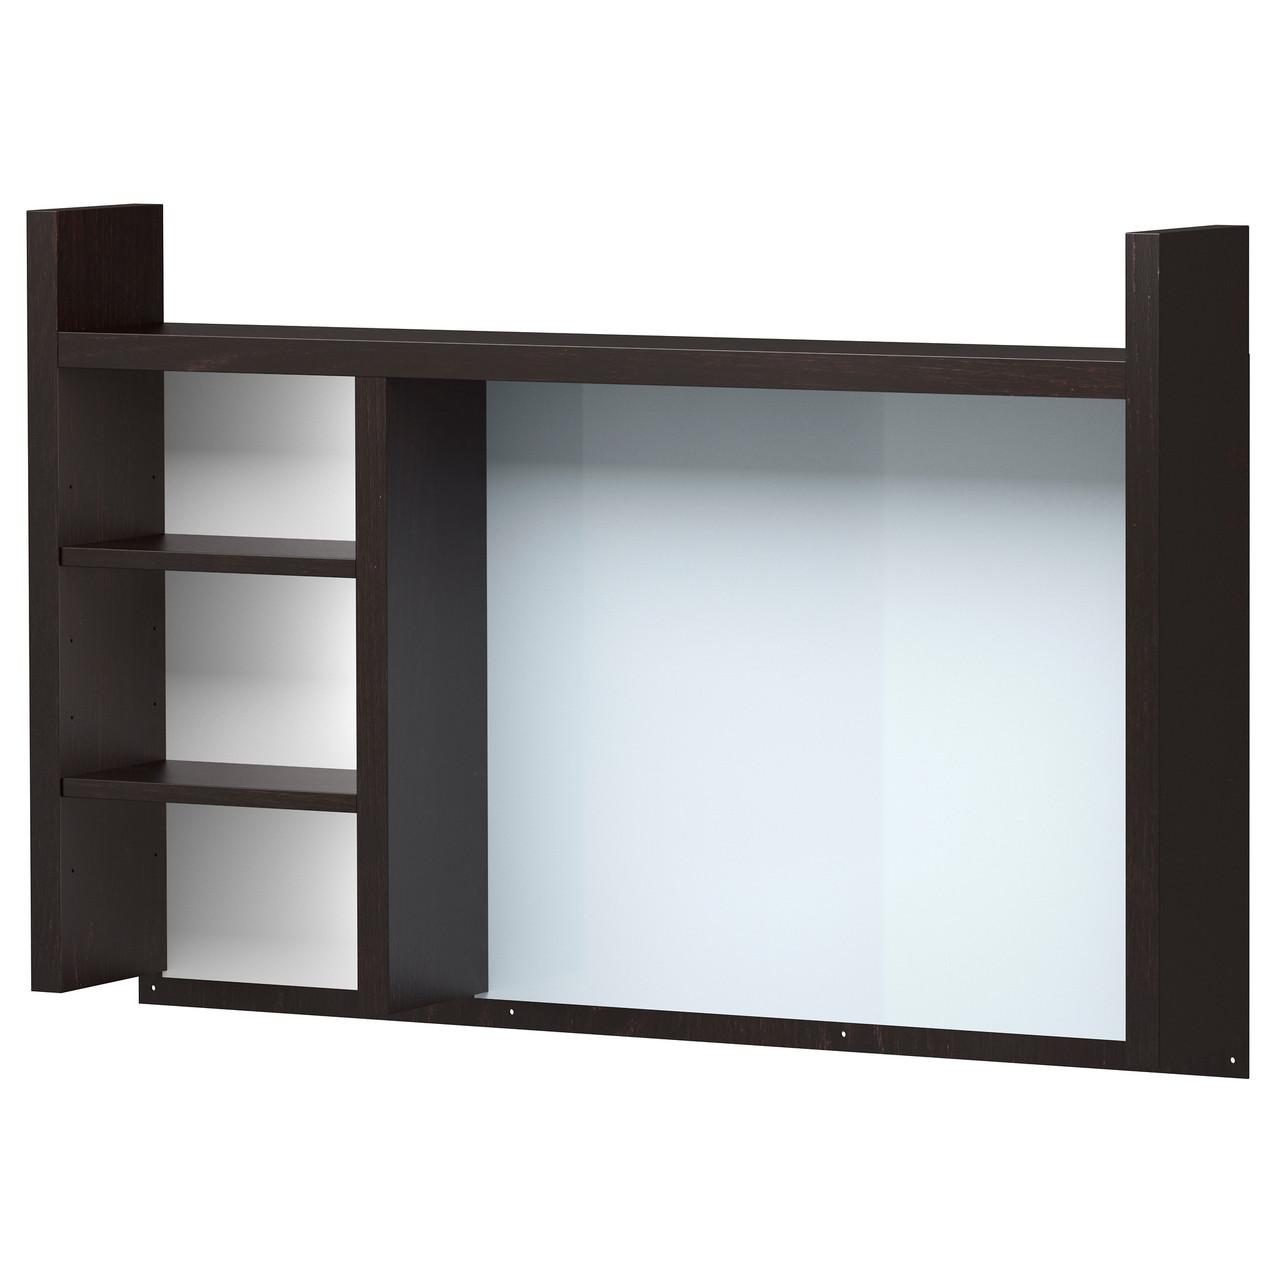 МИККЕ Высокий дополнительный модуль, черно-коричневый, 105x65 см, 50180027, IKEA, ИКЕА, MICKE